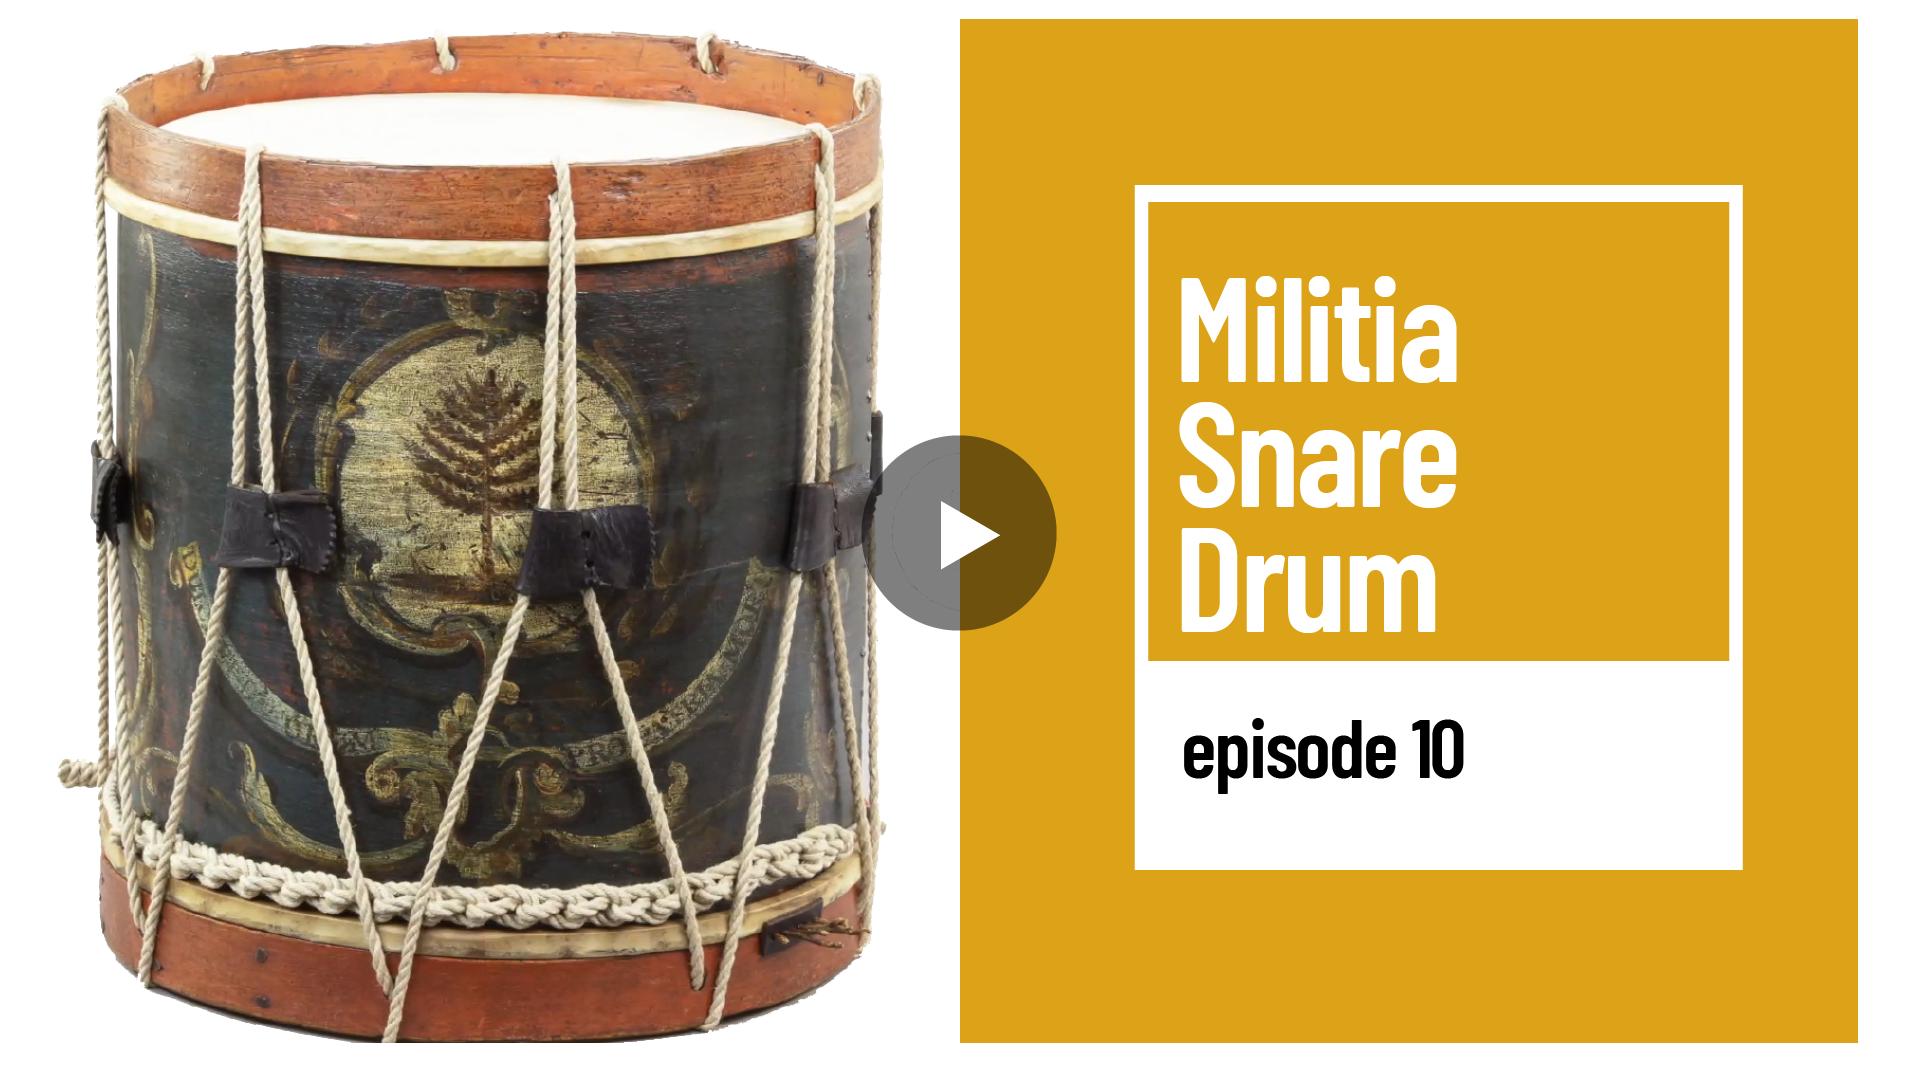 Image of curator's Corner Militia Snare Drum